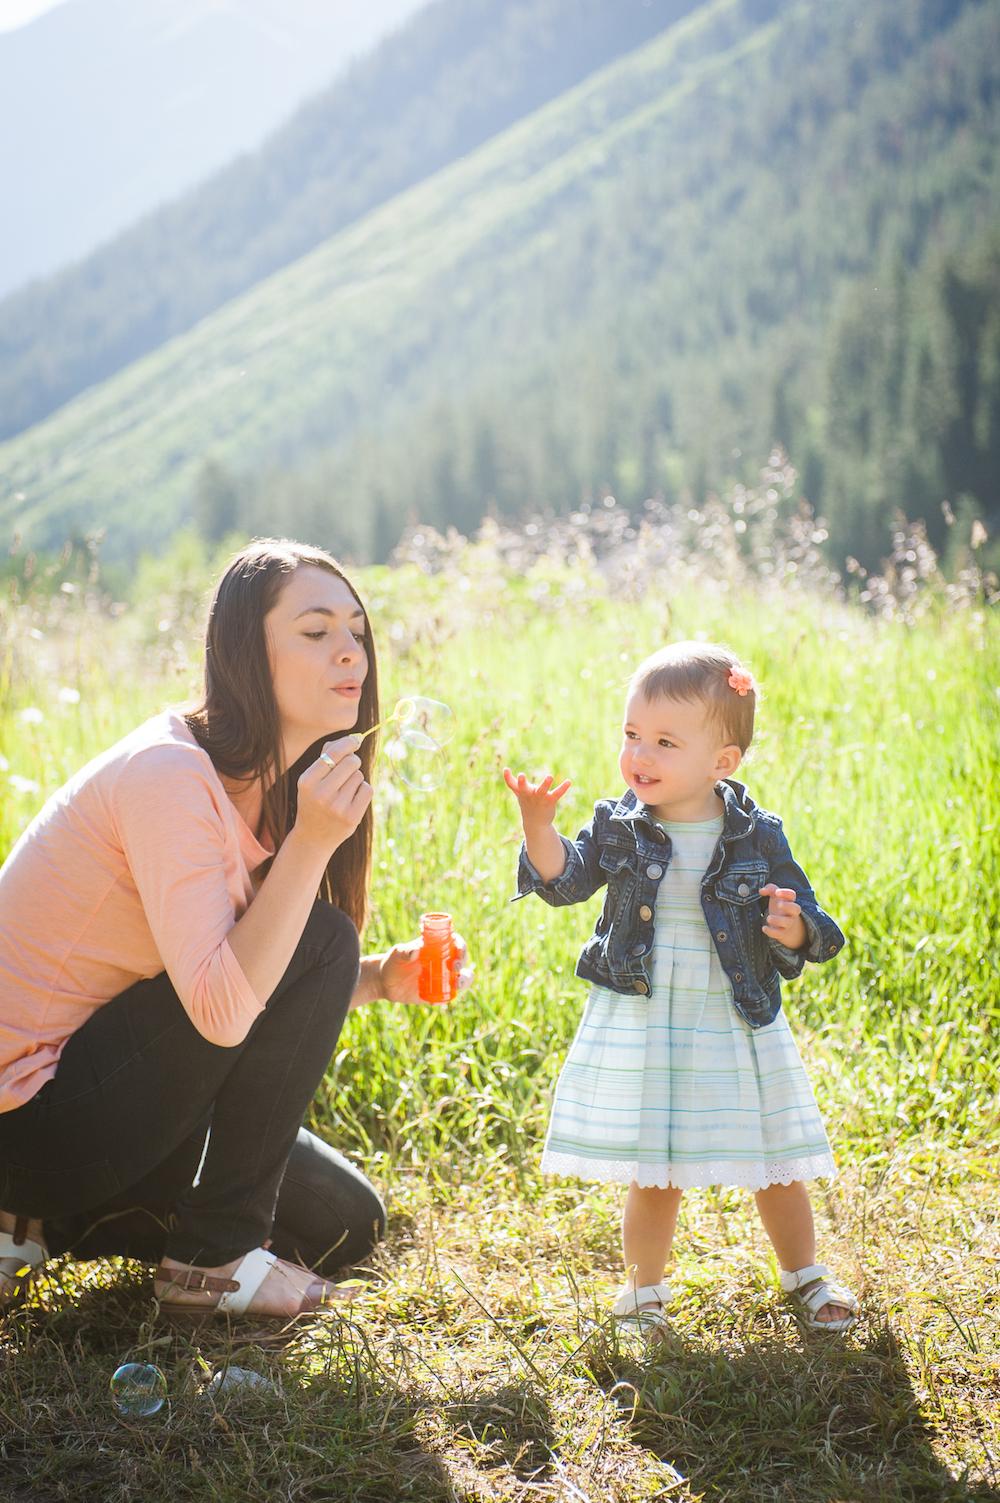 ck-Colorado-Family-Photography-0069.jpg